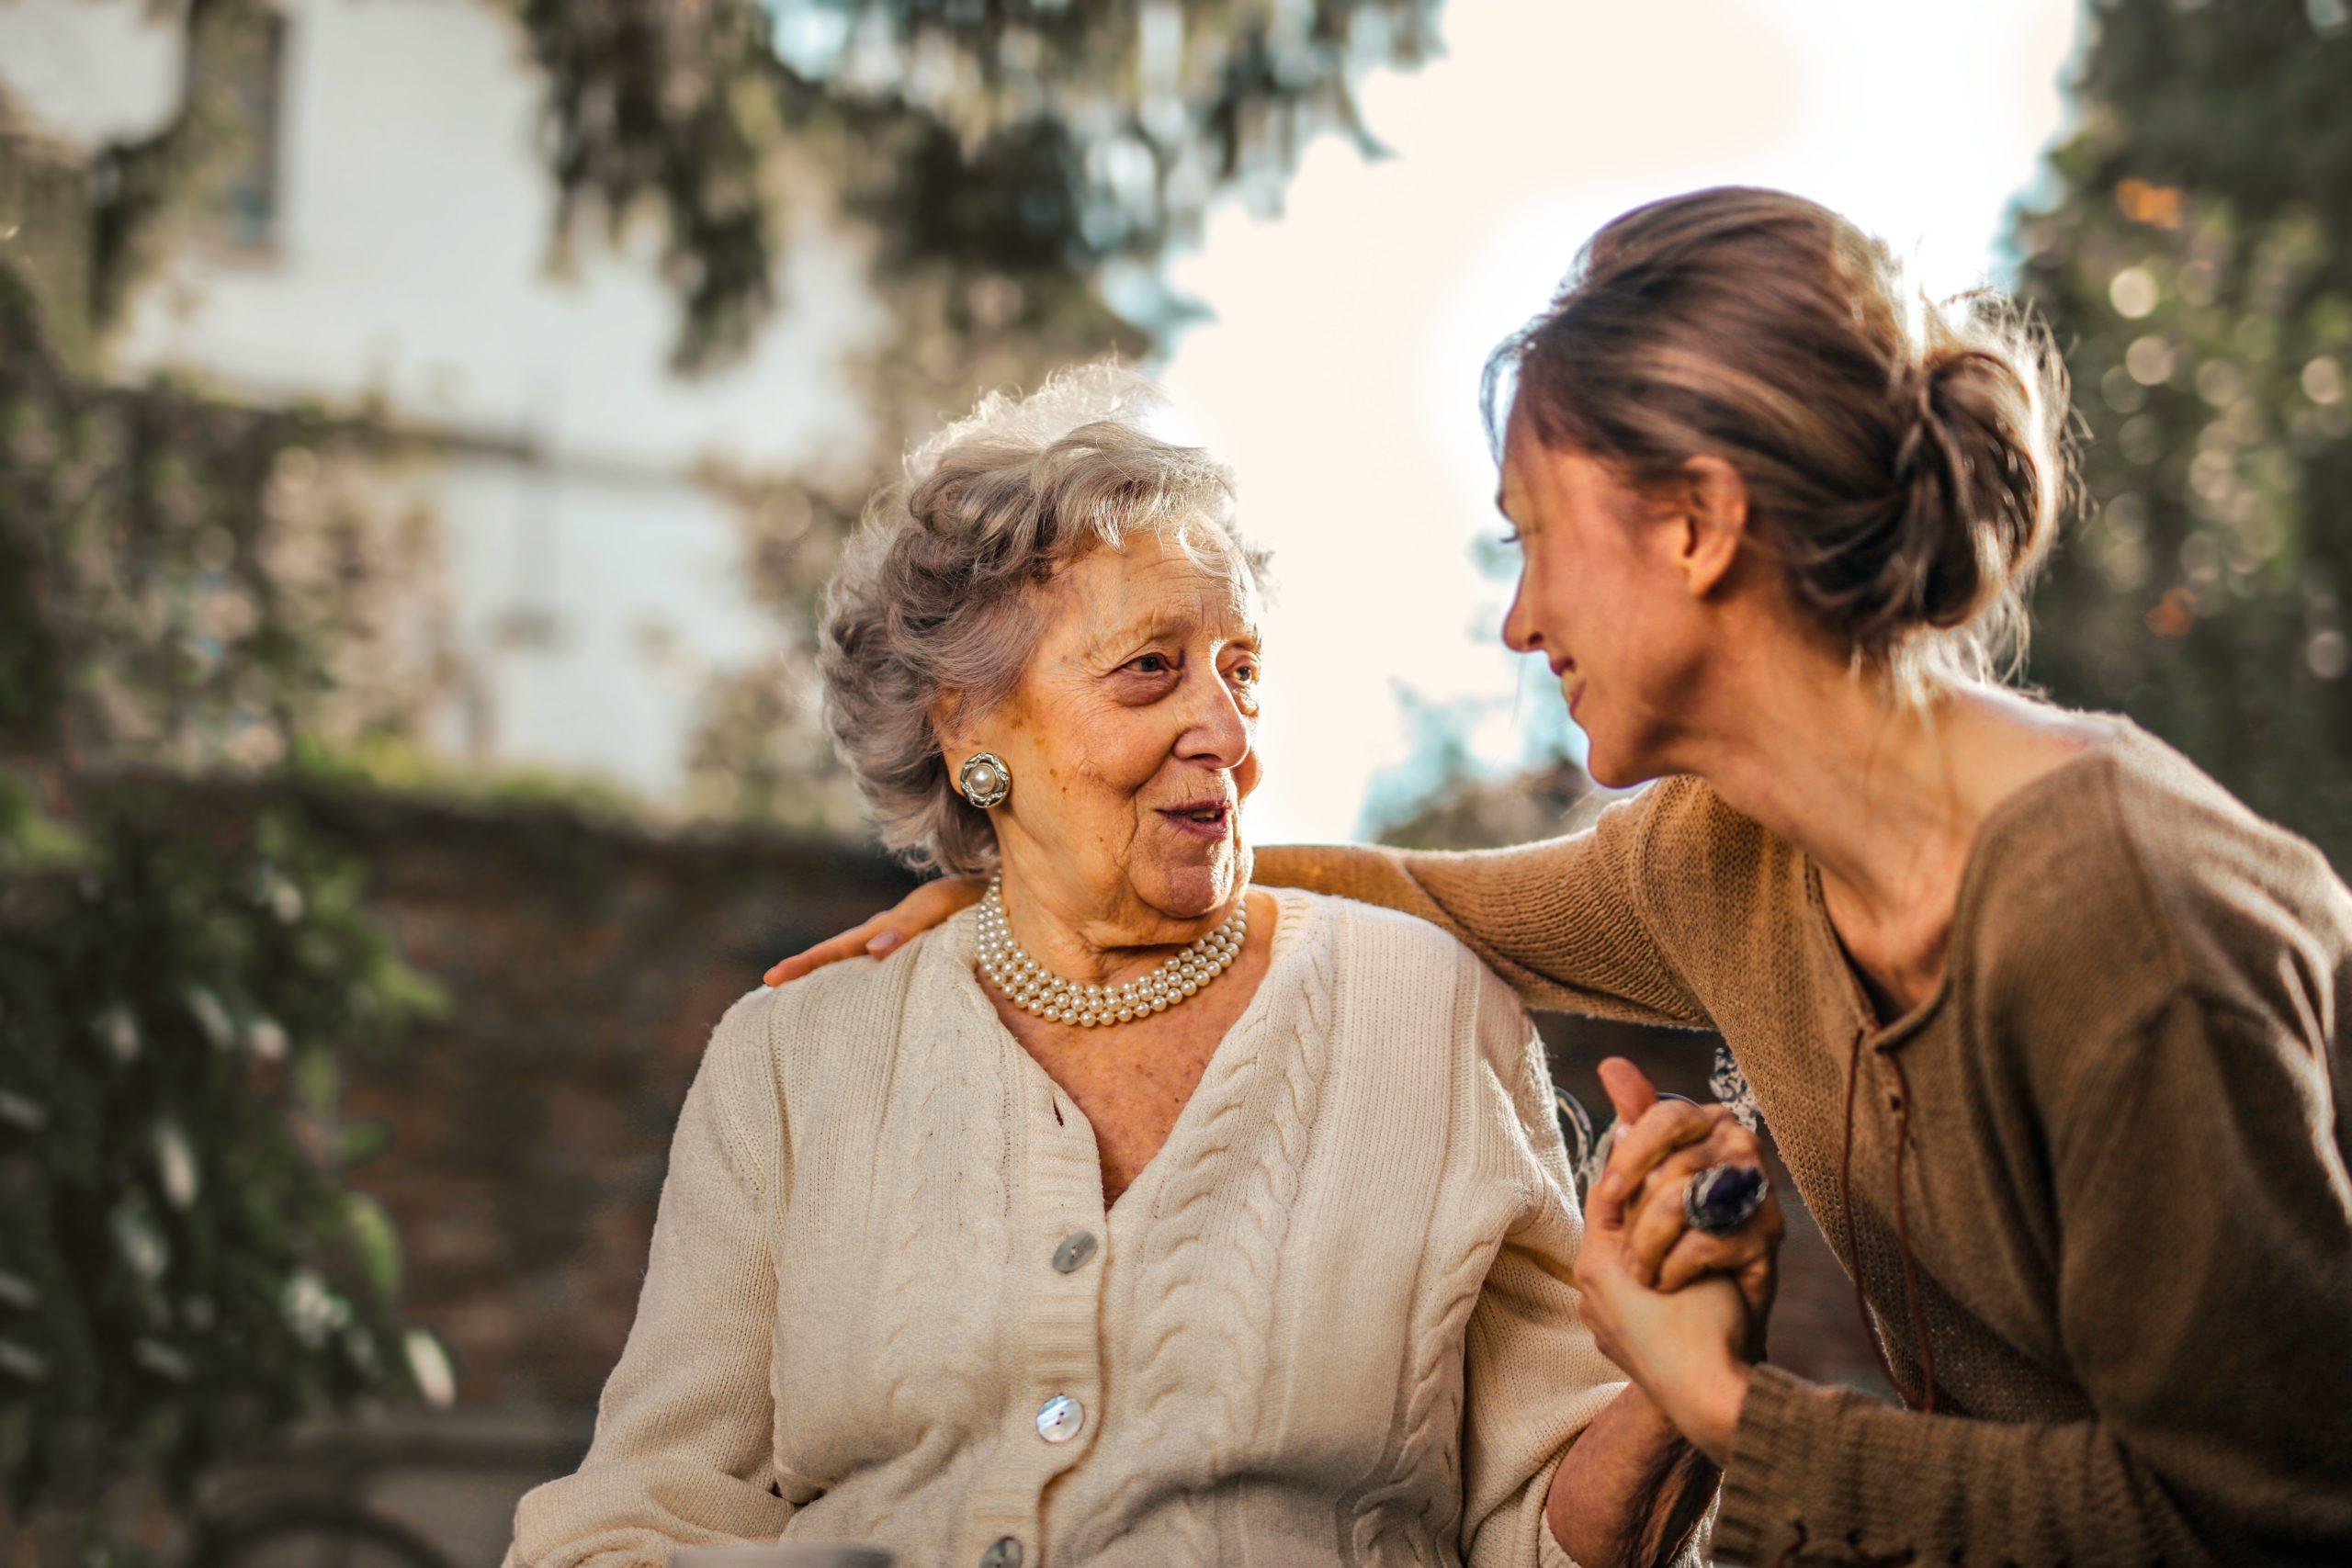 Den världsunika, intelligenta duschlösningen för rörelsehindrade och äldre.